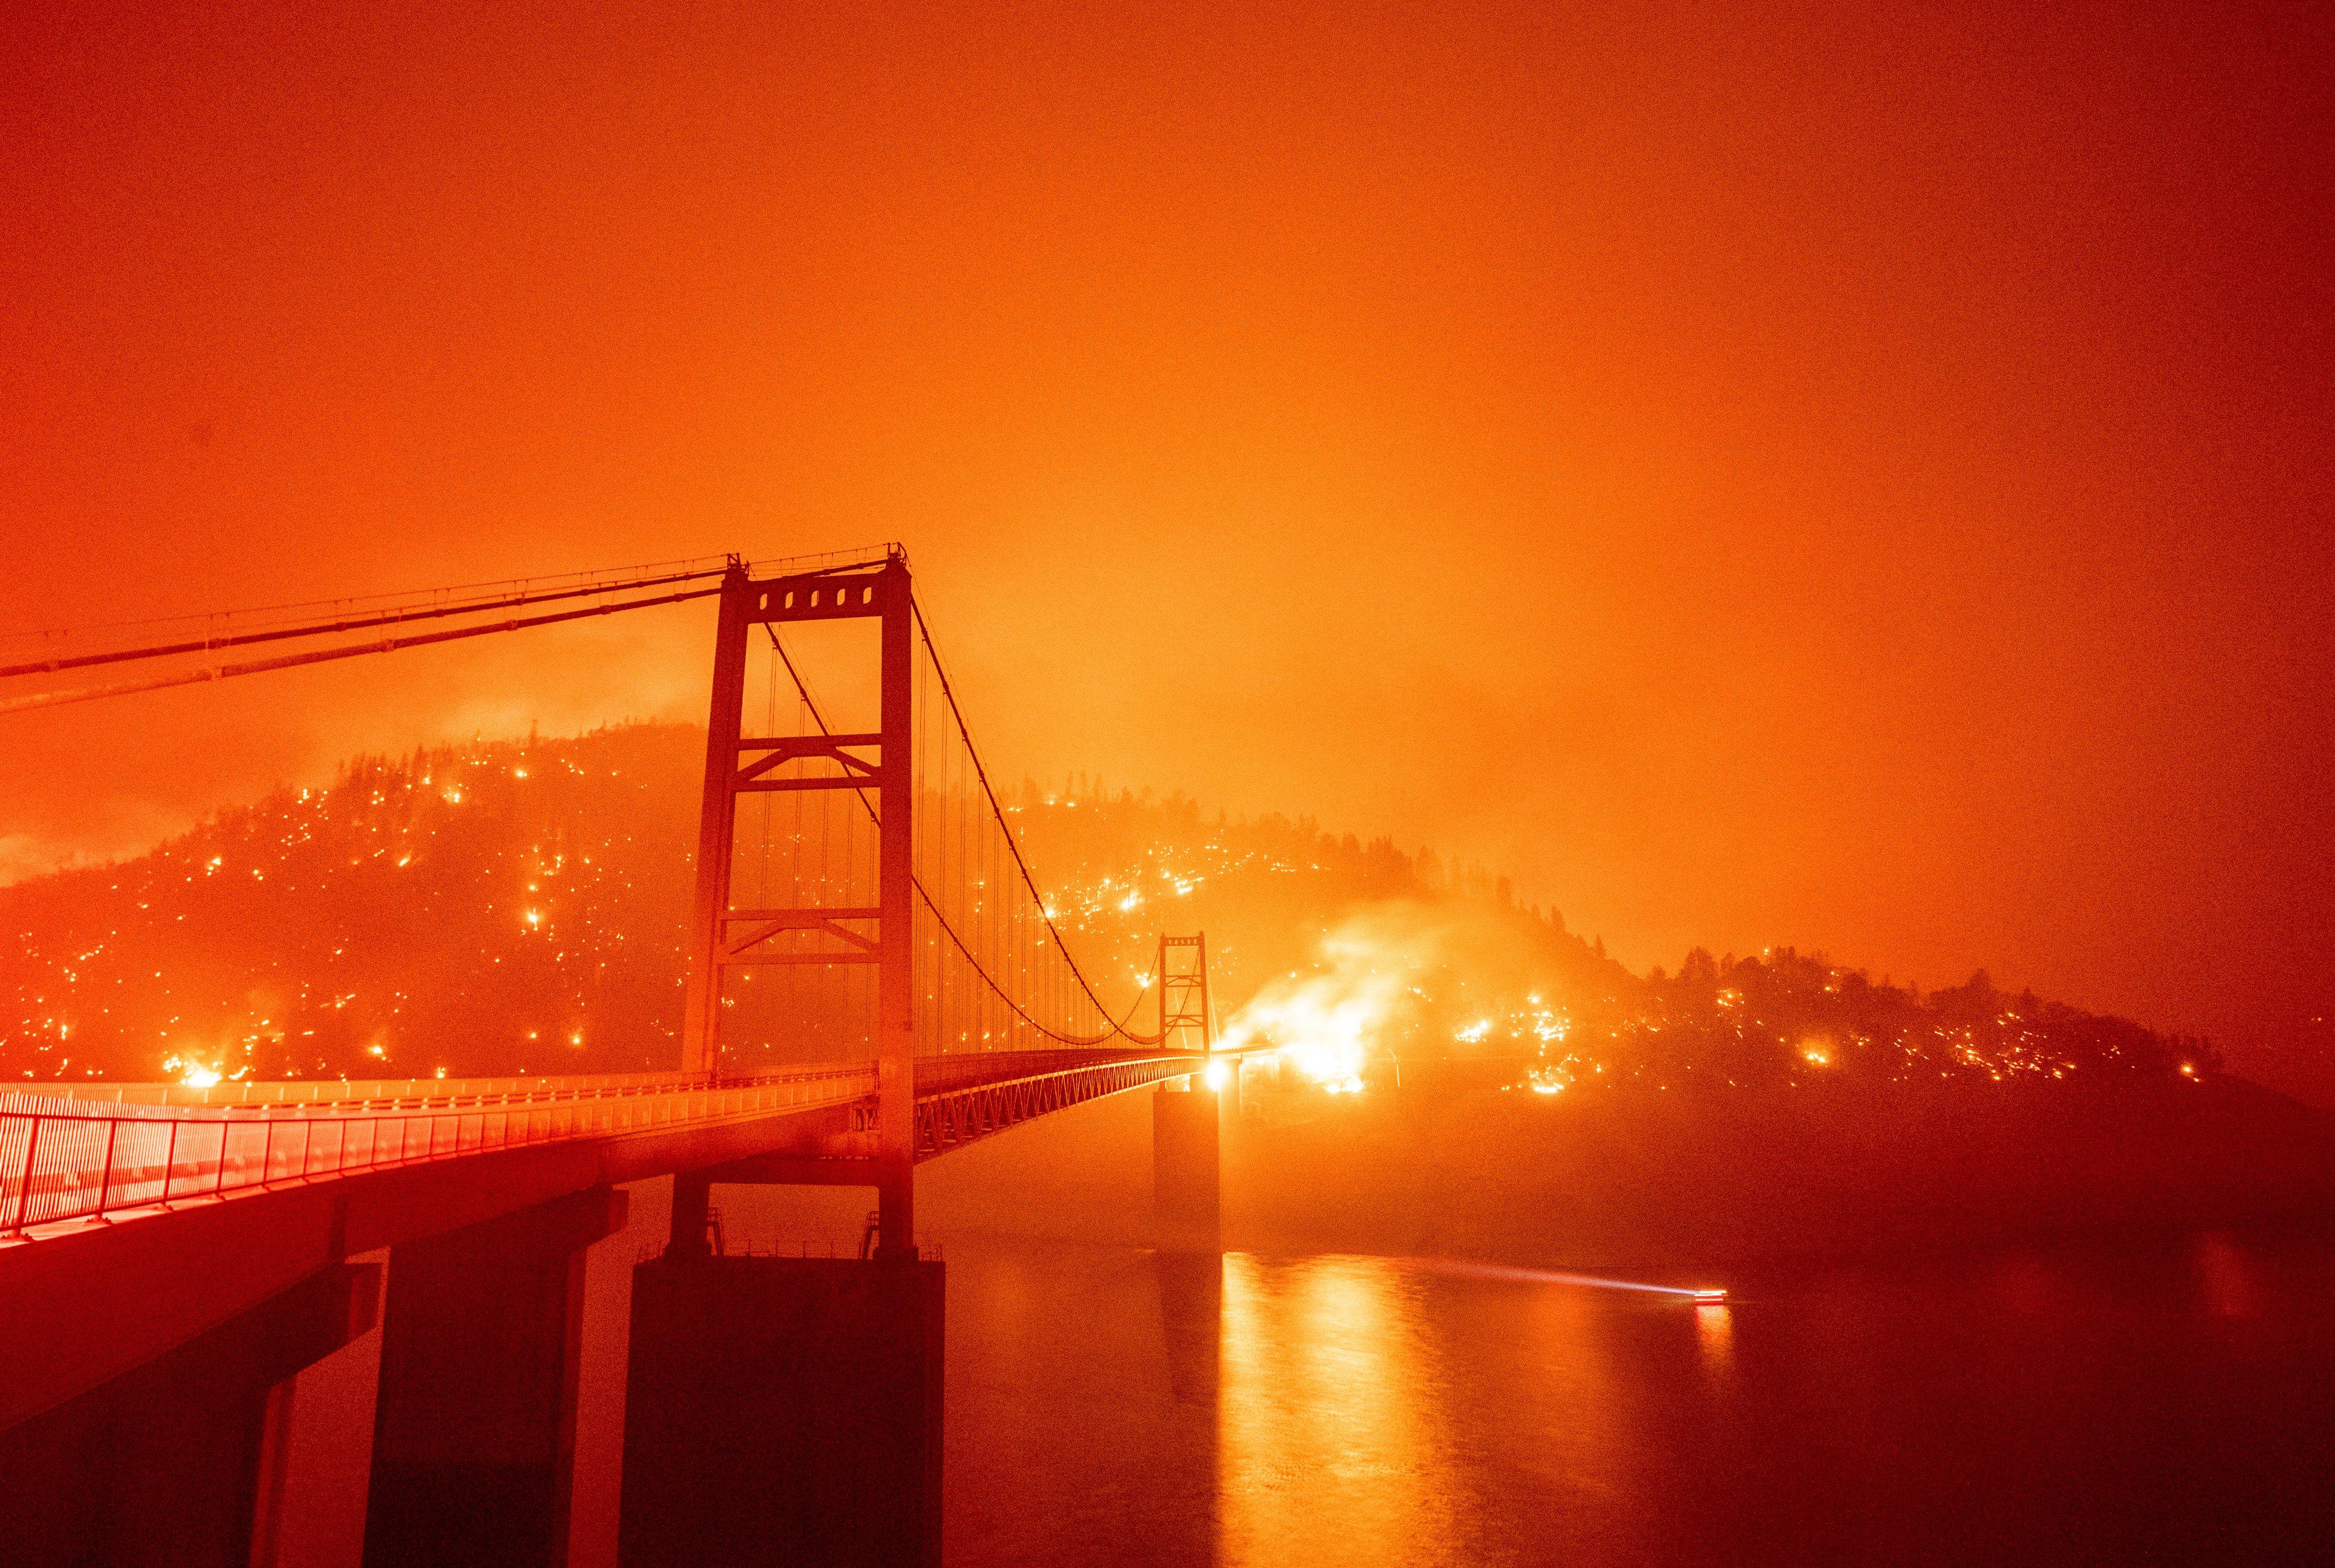 Kebakaran hutan di San Fransisco jadi penyebab langit di West Coast berwarna oranye